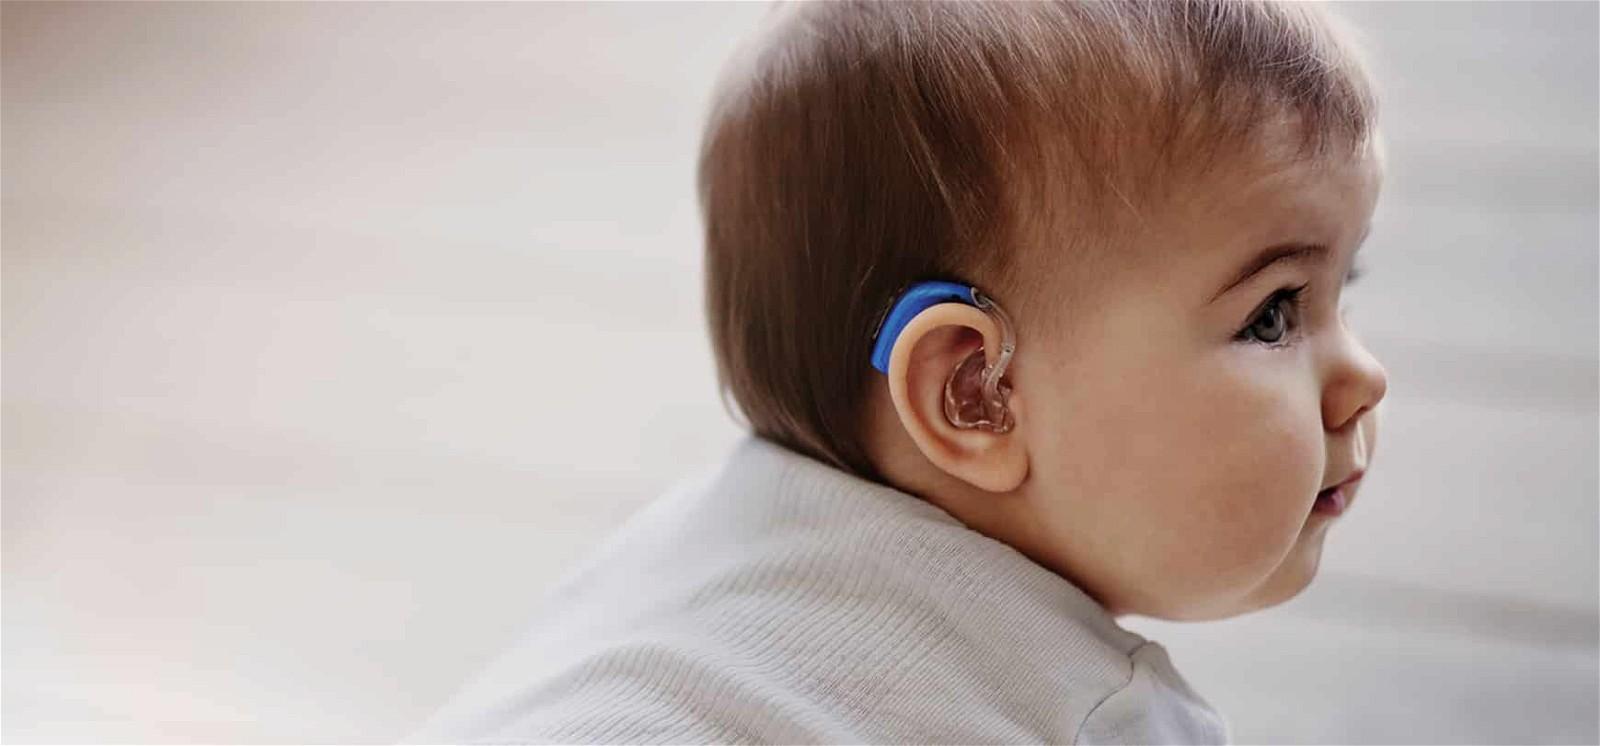 Điều trị mất thính lực ở trẻ như thế nào?